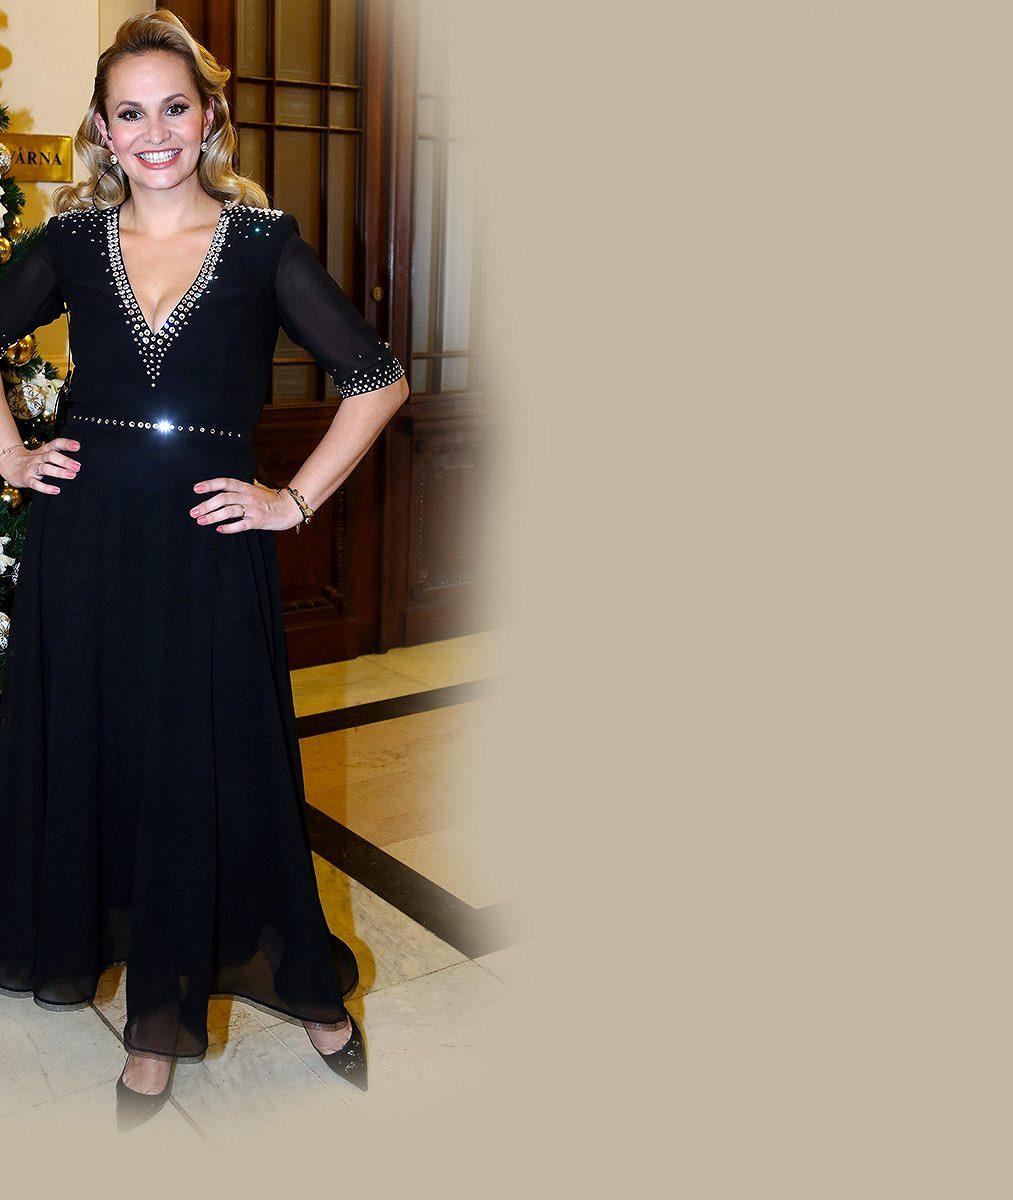 Šíleně zhubla a zase si nechává růst vlasy: Monika Absolonová promluvila o rozchodu